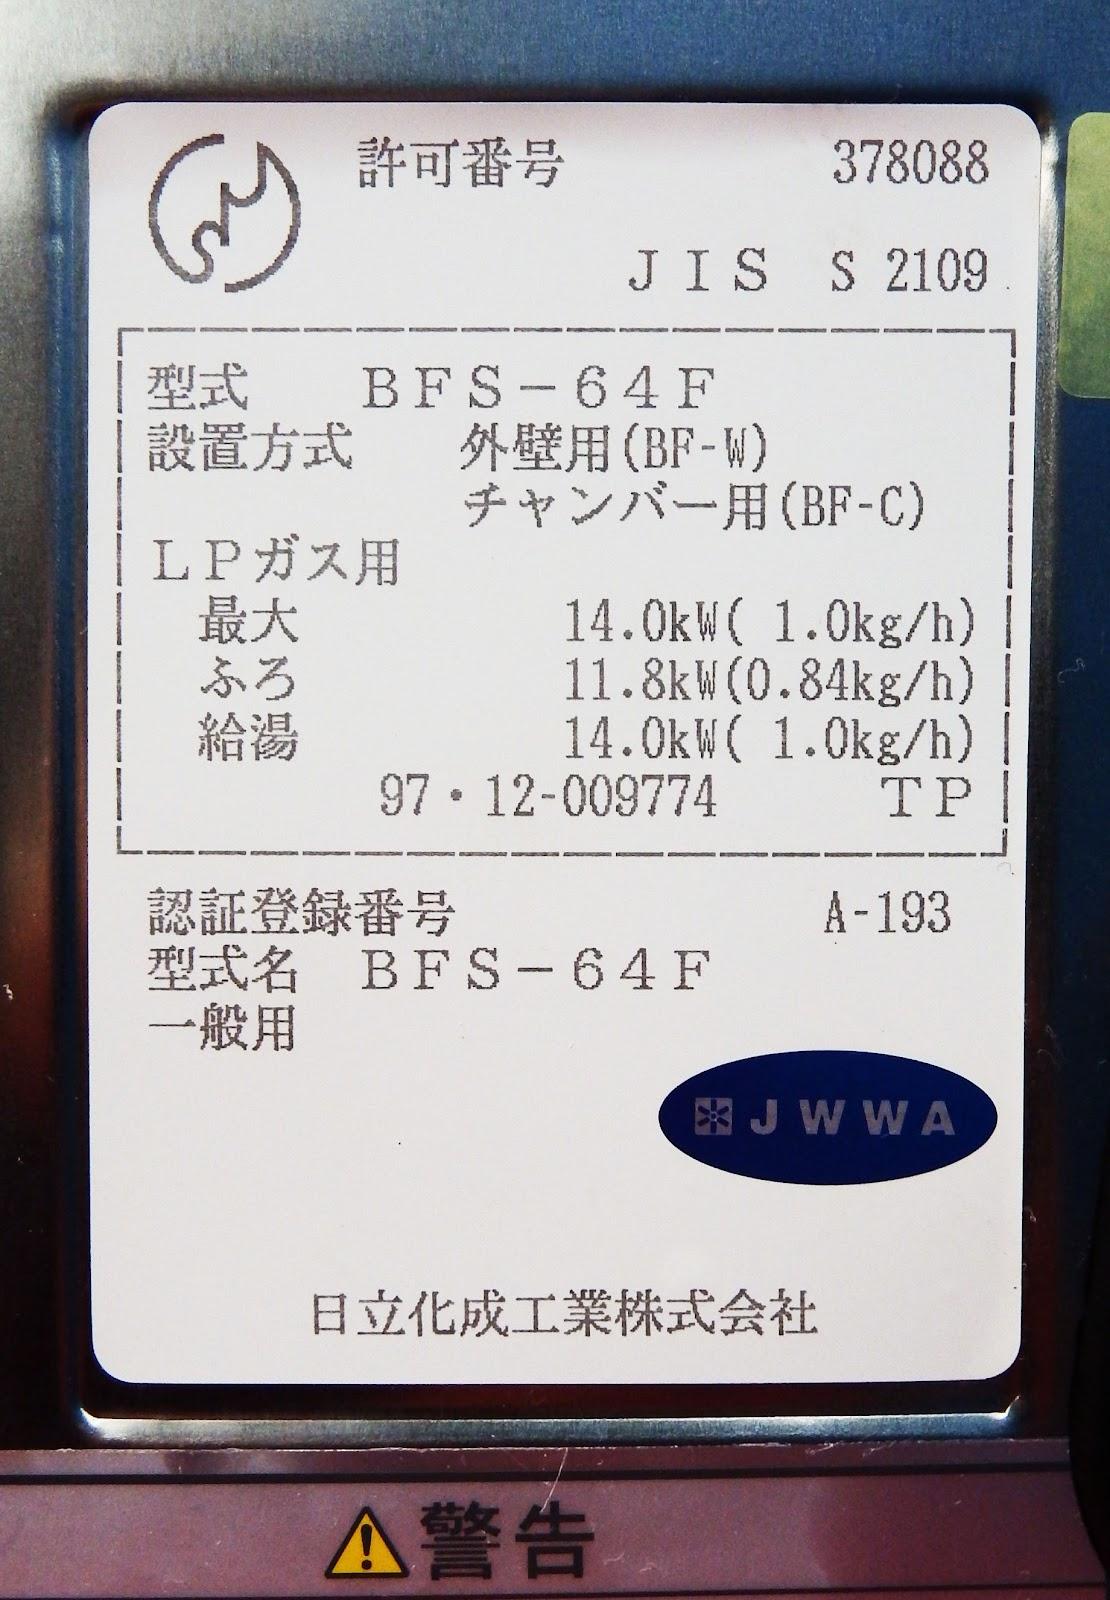 DSCF1753.JPG